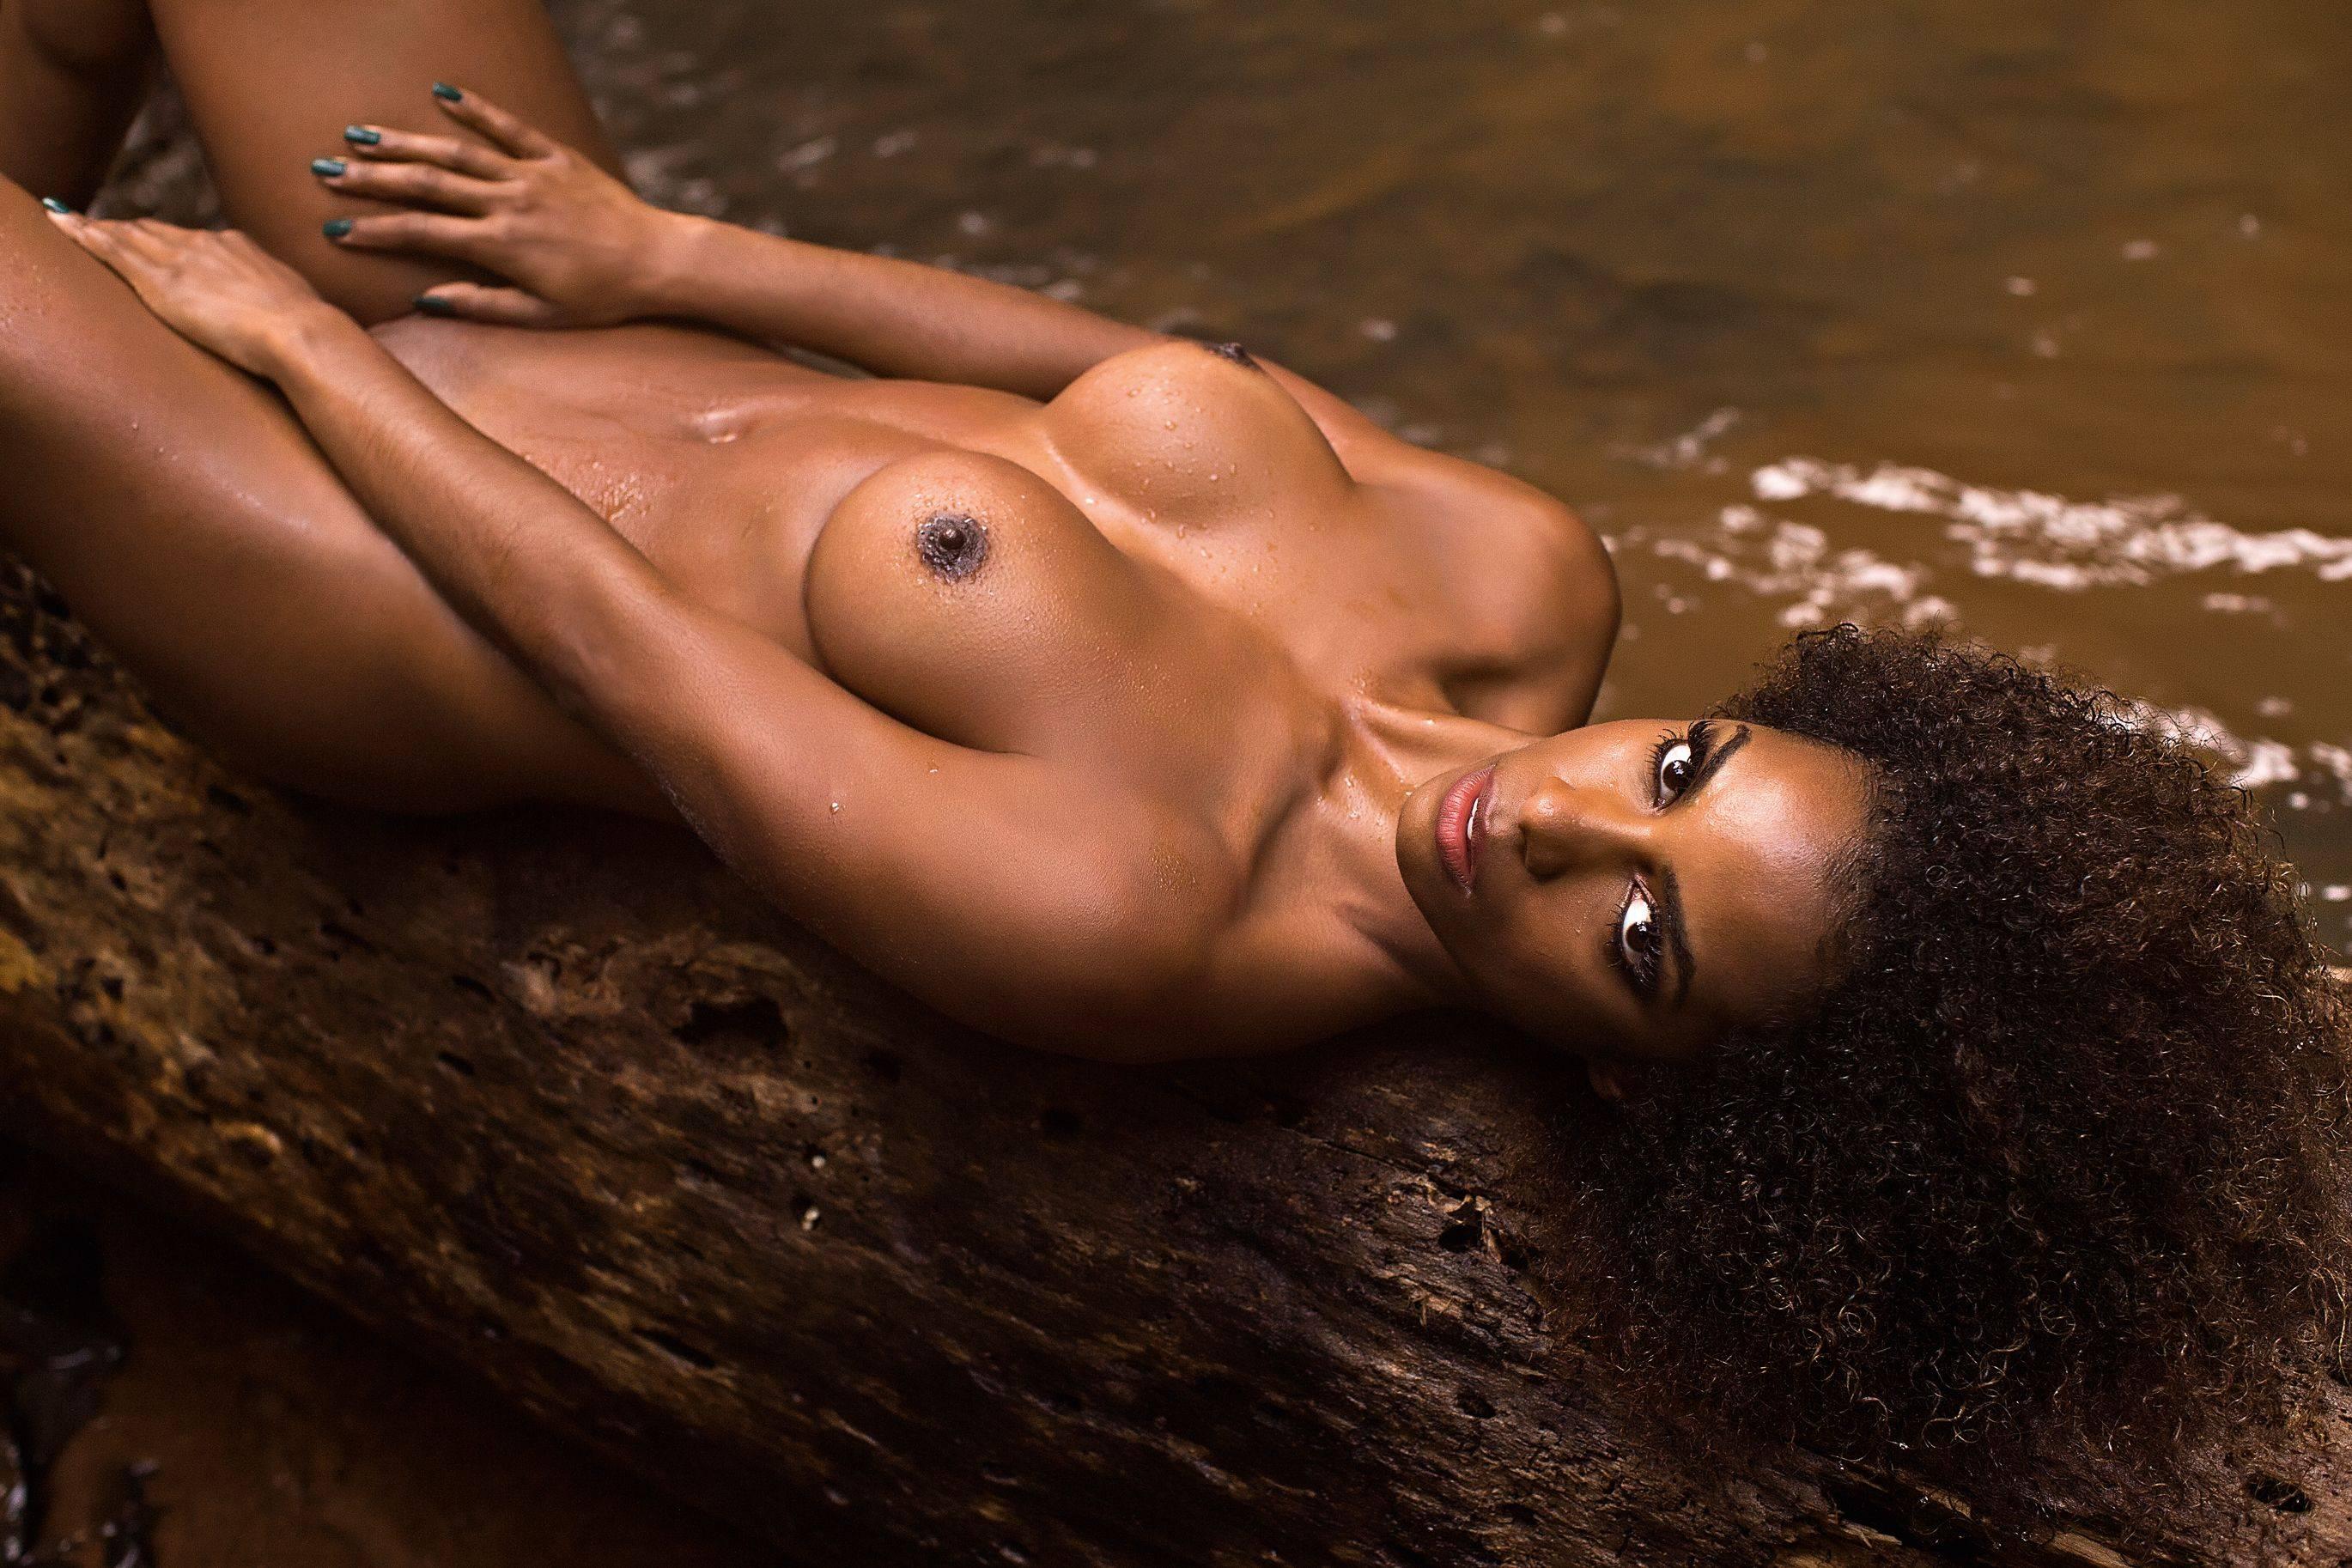 Плейбой фото негритянки #4